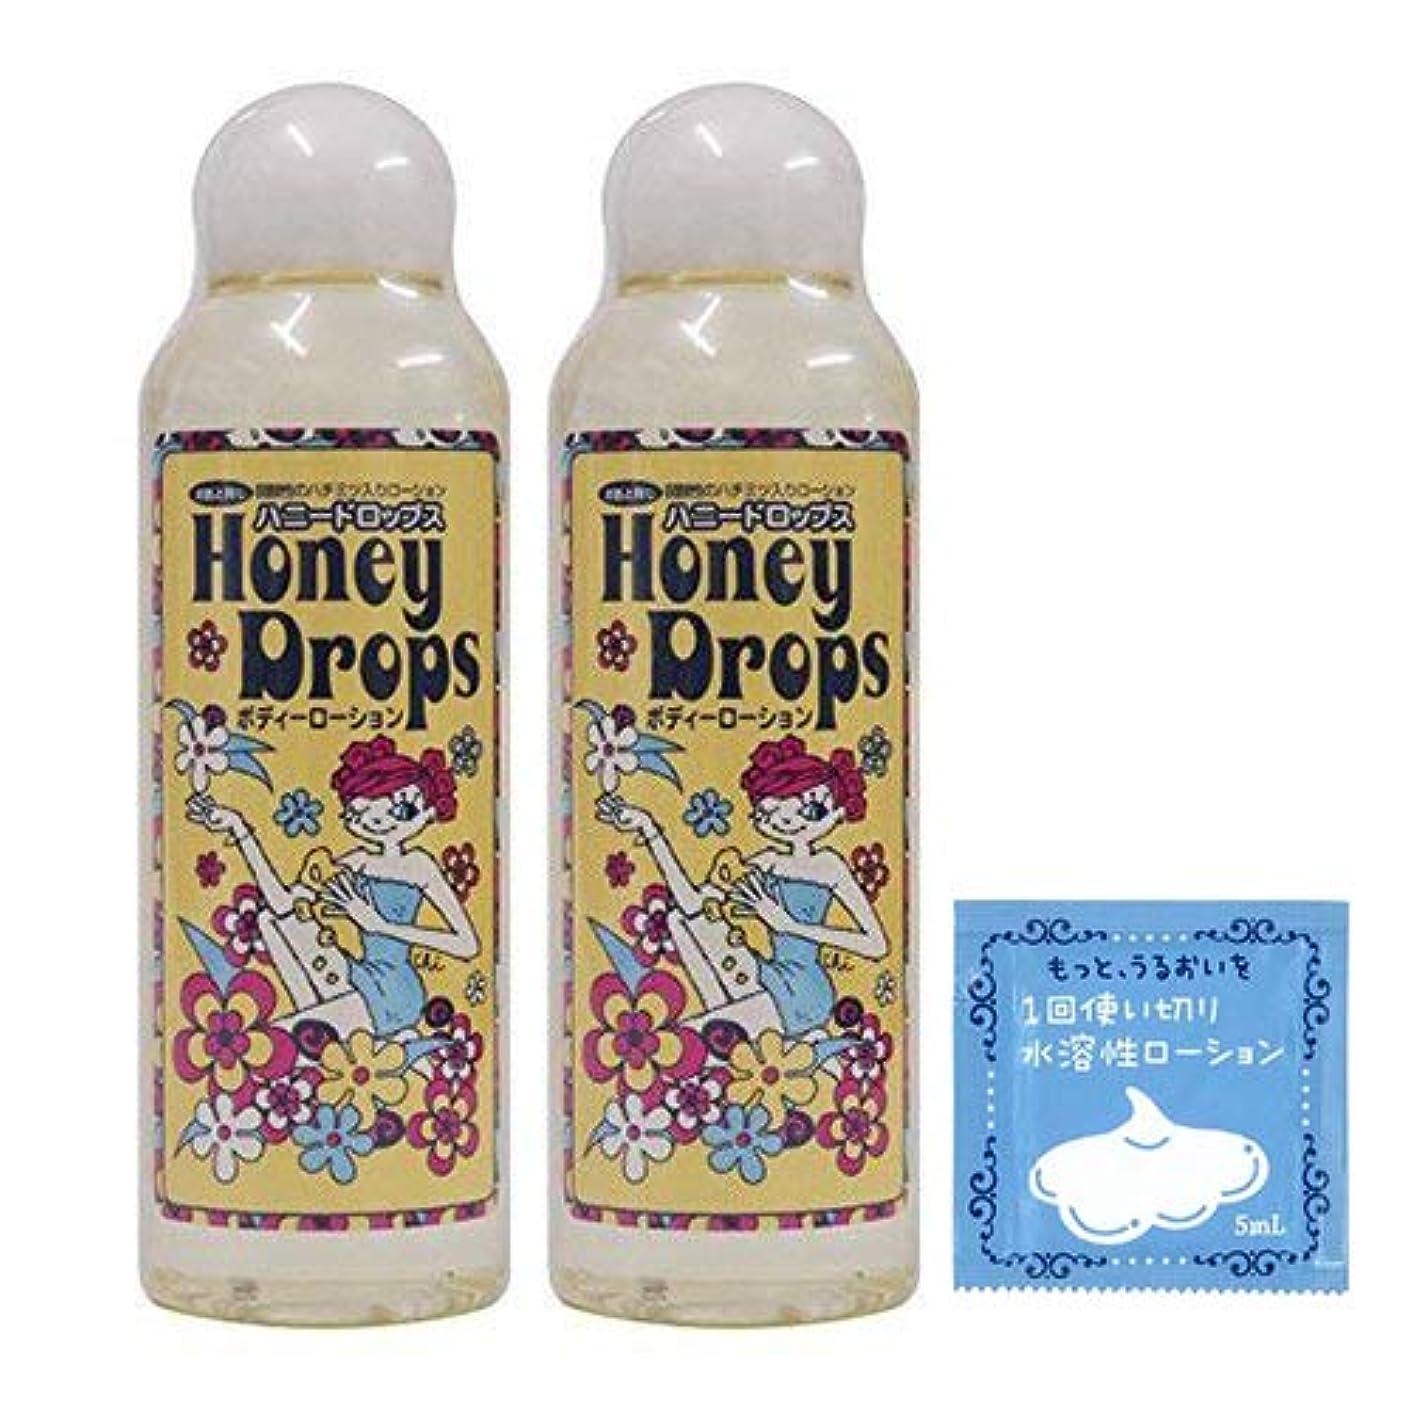 霧深いスコットランド人改革ハニードロップス150mL HoneyDrops150 ×2本 + 1回使い切り水溶性潤滑ローション